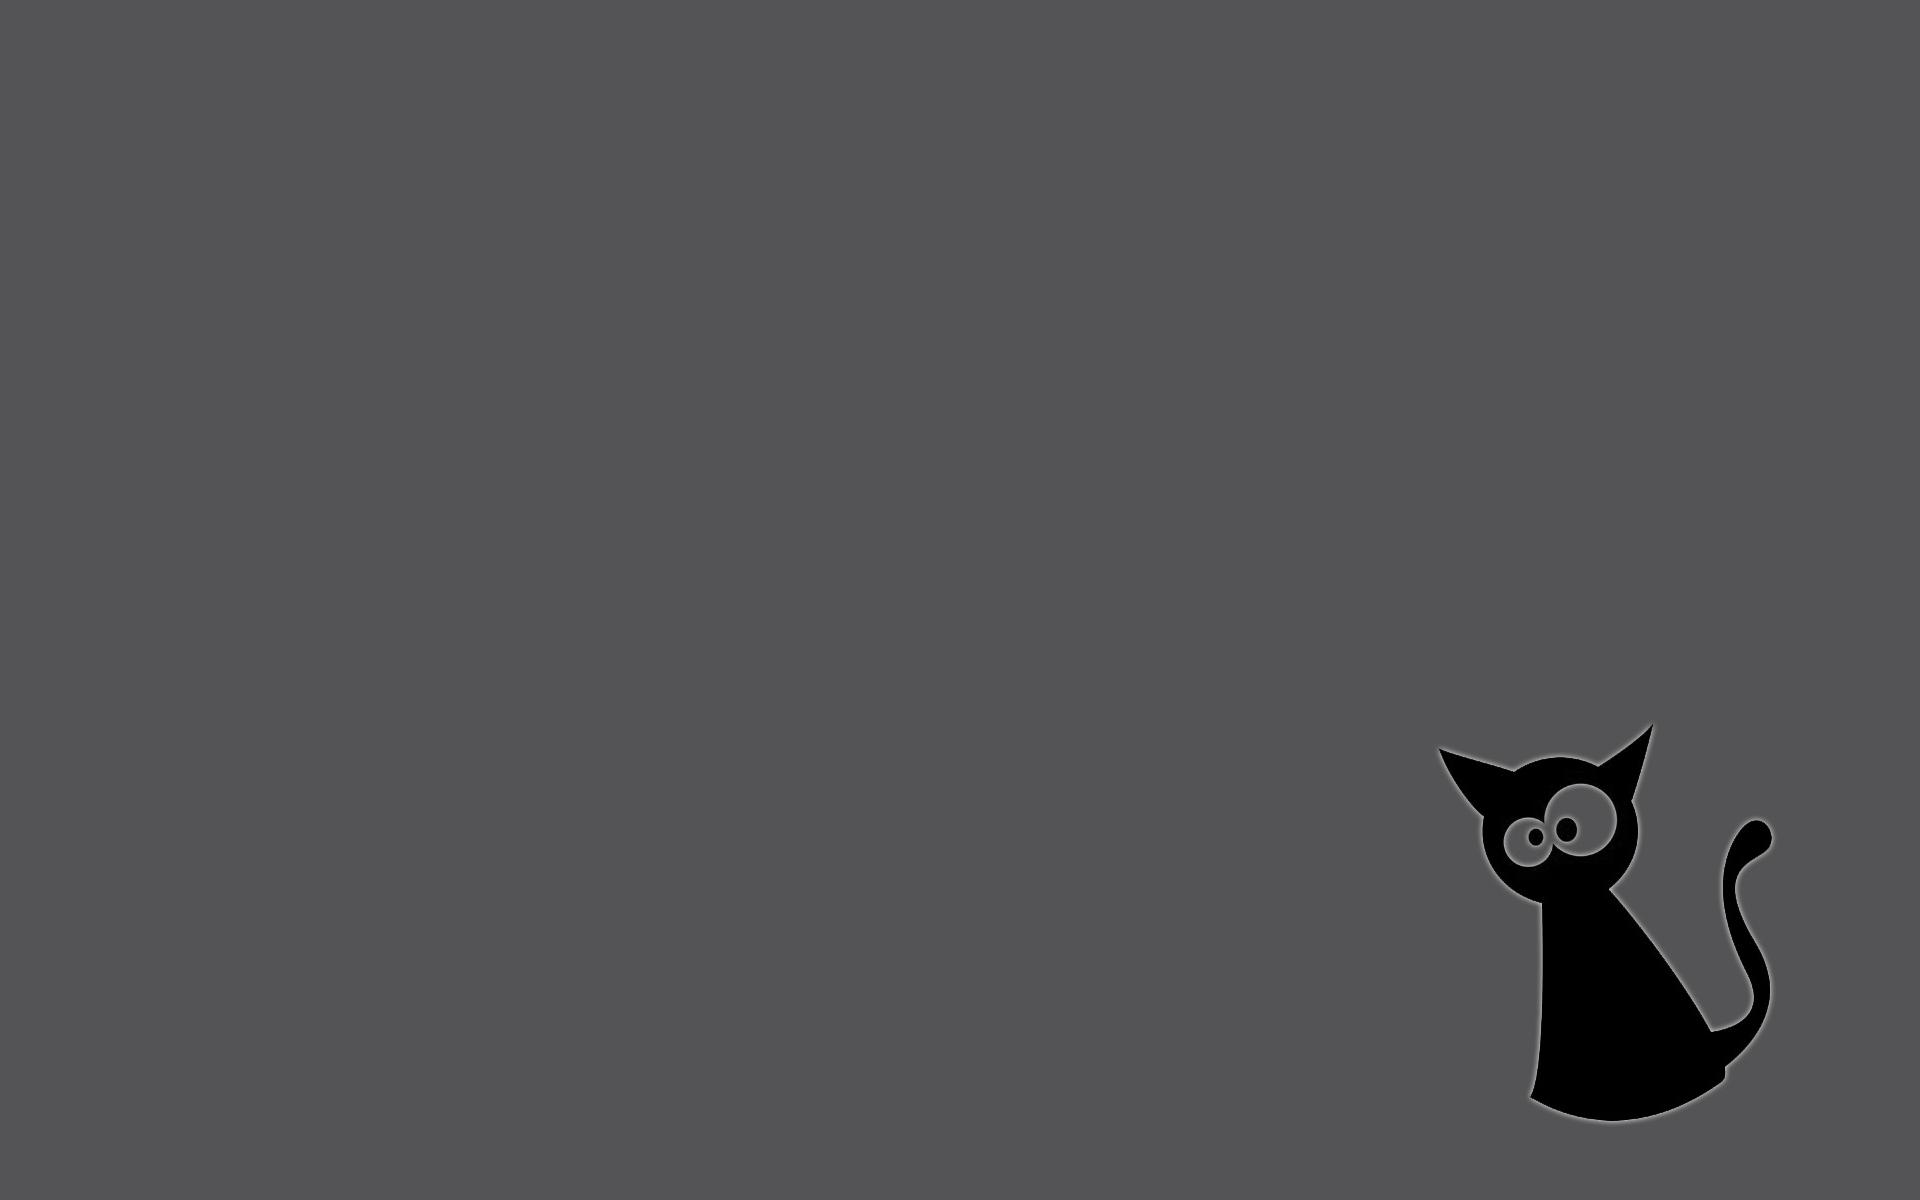 Прикольные рисунки на черном фоне, месяца